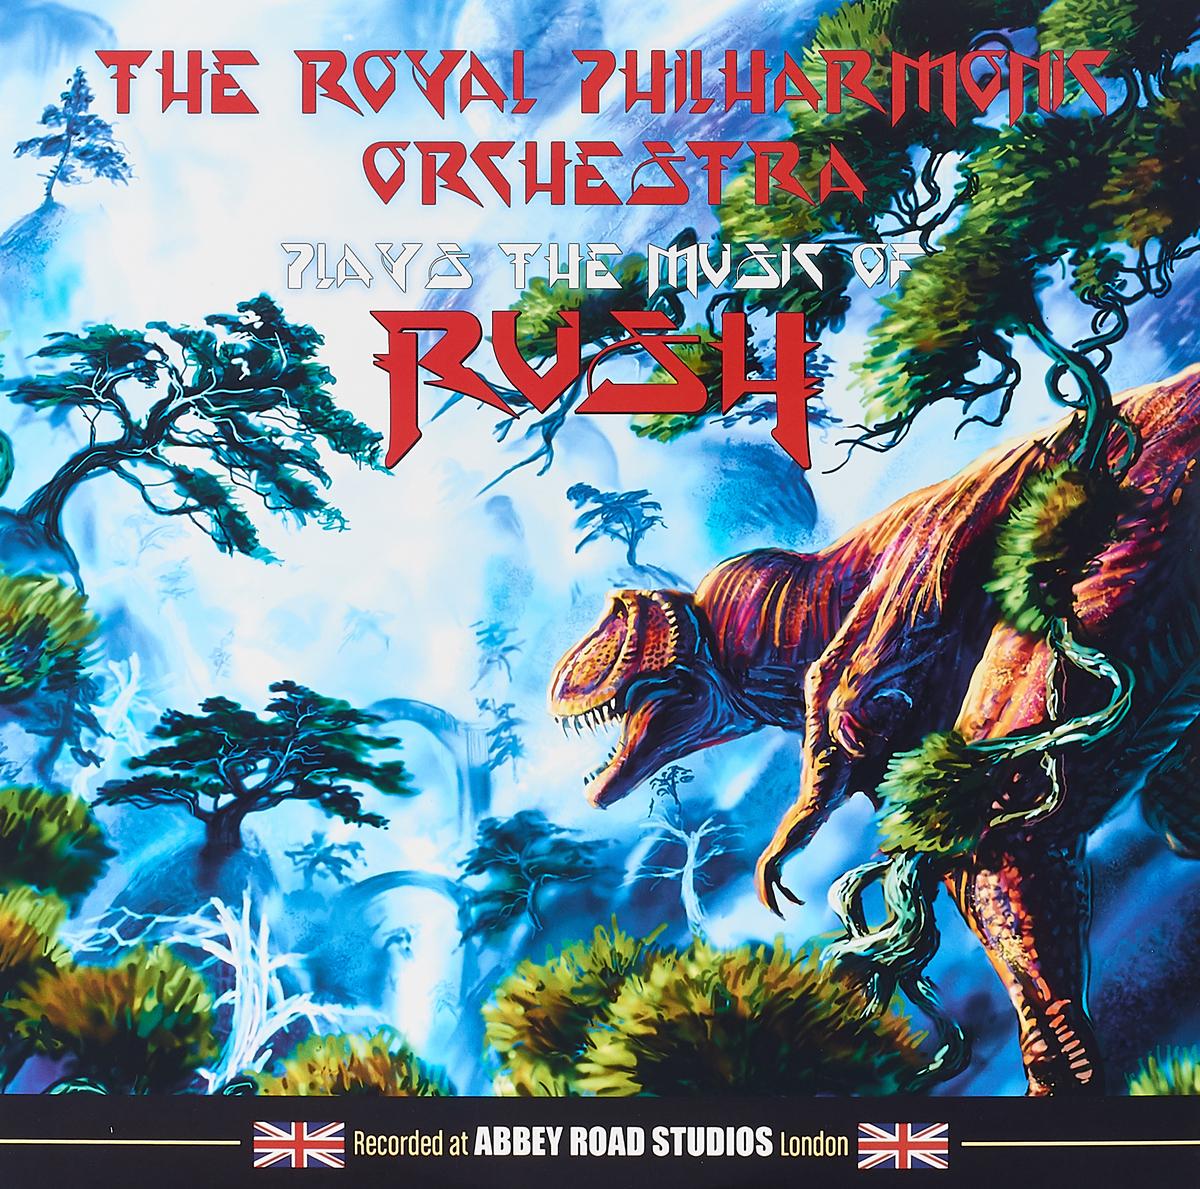 цена на The Royal Philharmonic Orchestra The Royal Philharmonic Orchestra. Plays The Music Of Rush (LP)